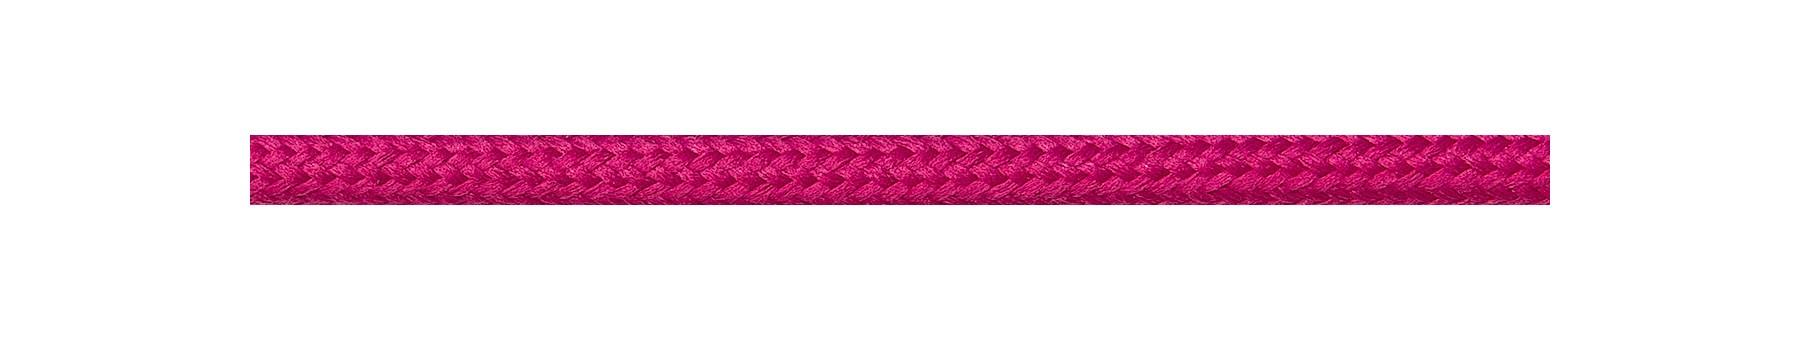 Textile Cable Cerise